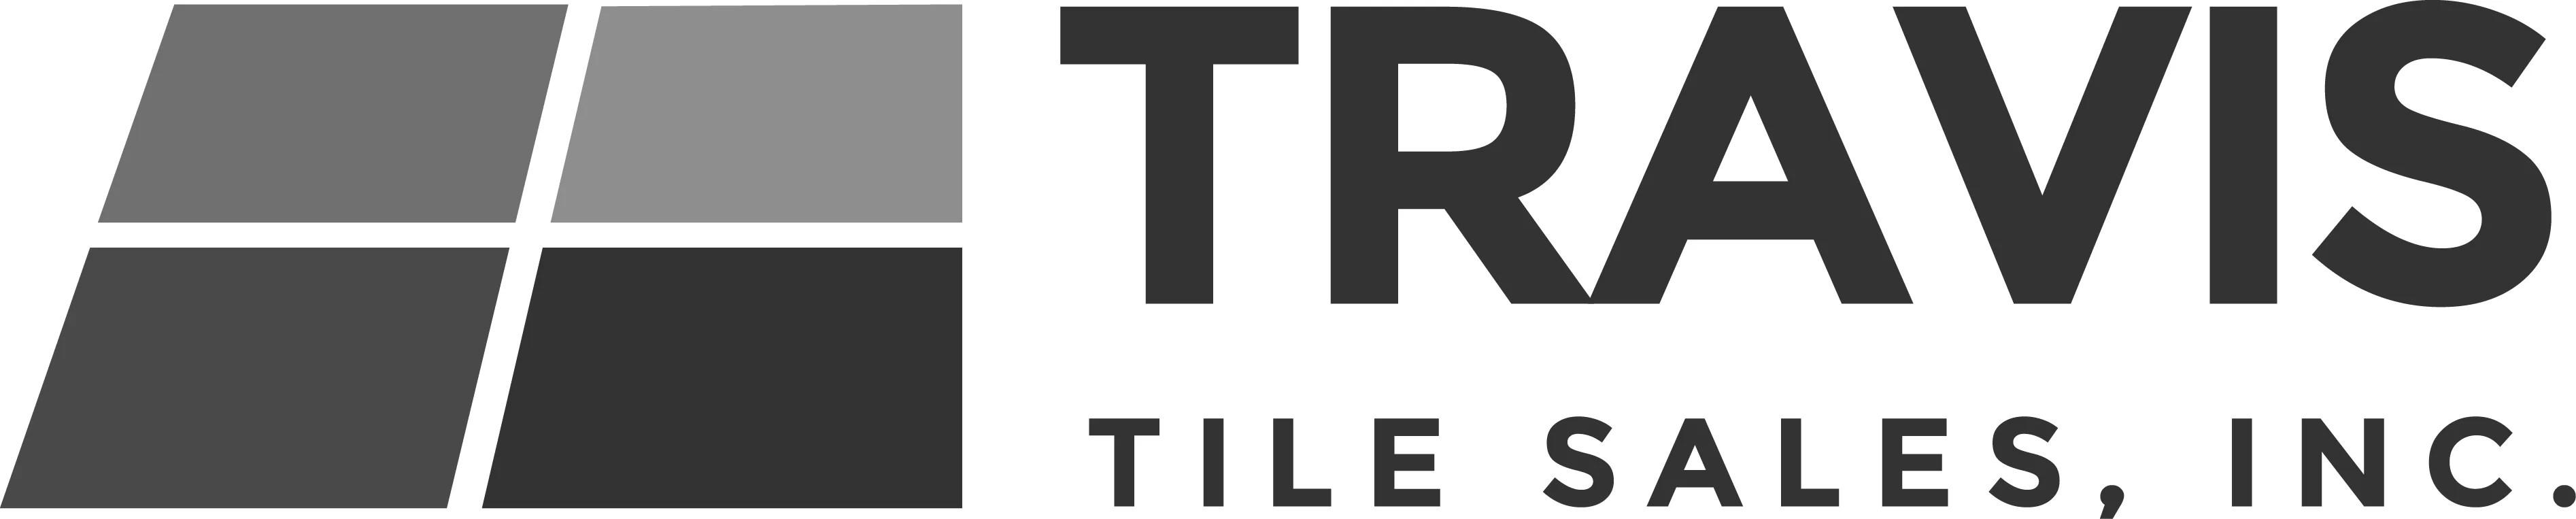 travis tile sales wayfair